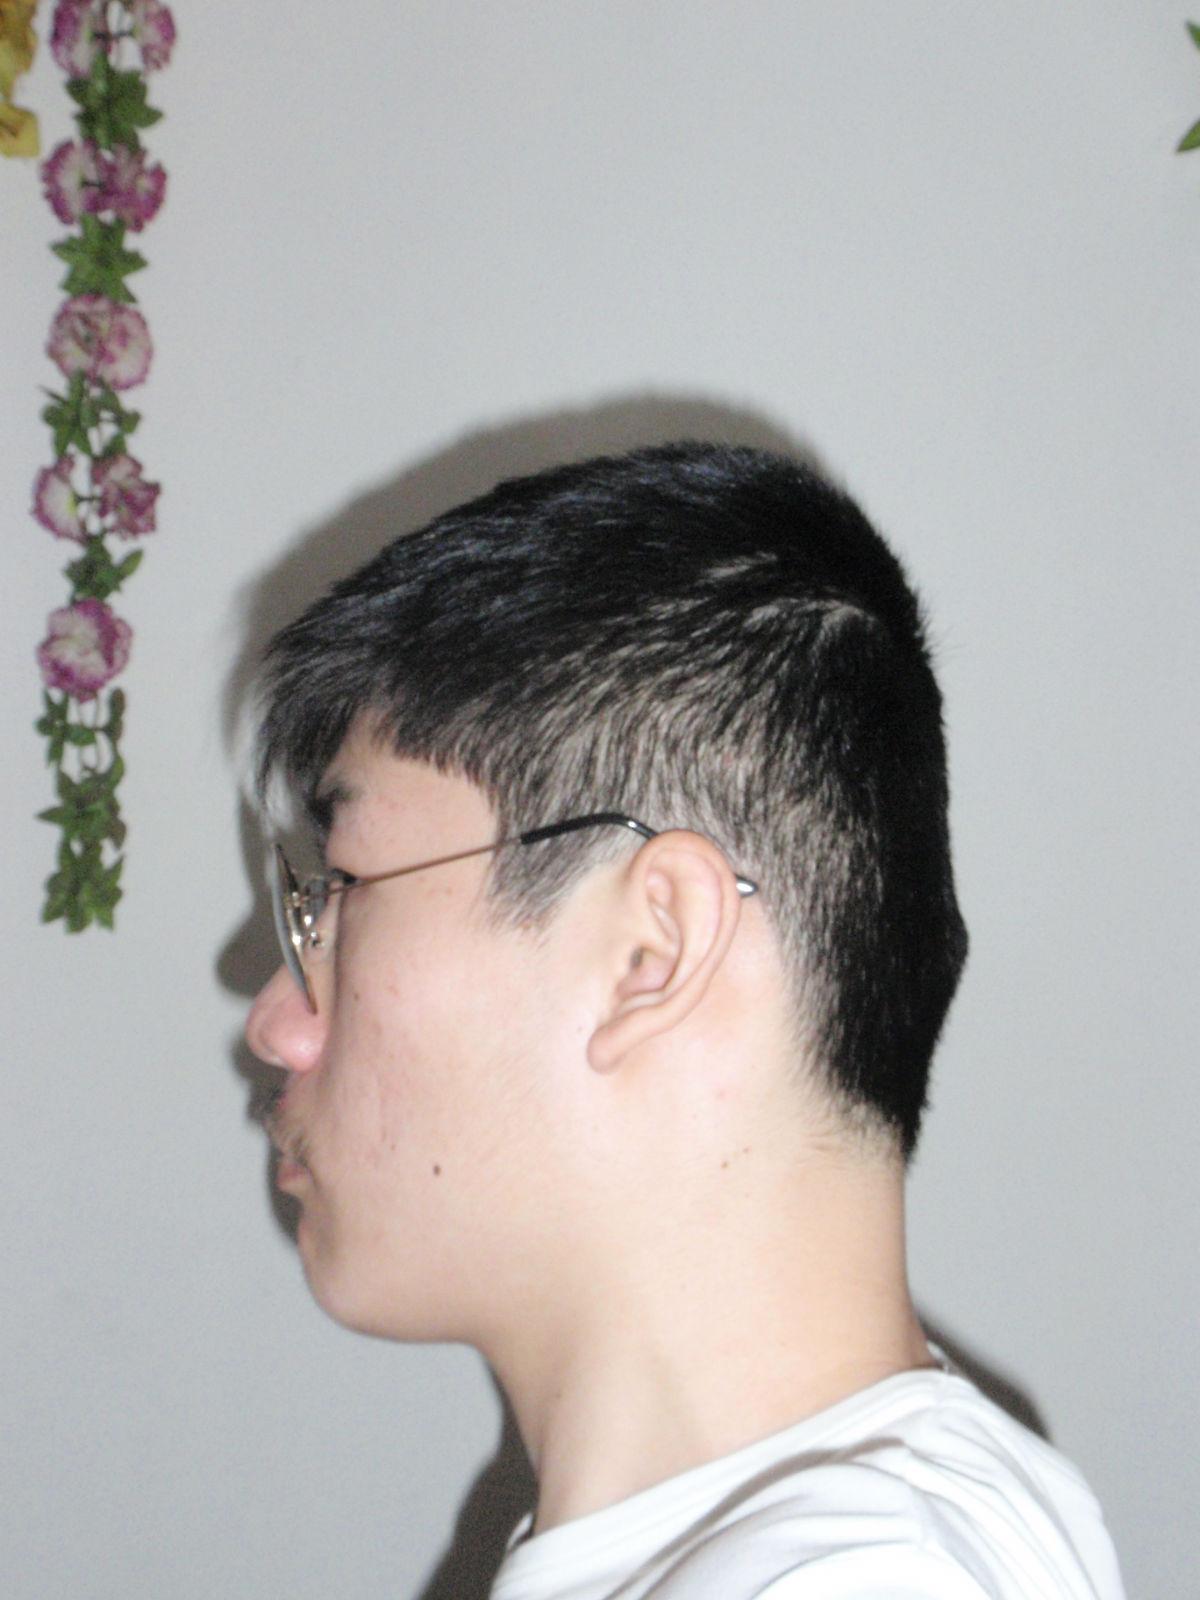 发型后脑勺_飞机头发型图片_男生发型短发铲两边_2016短发最新发型女